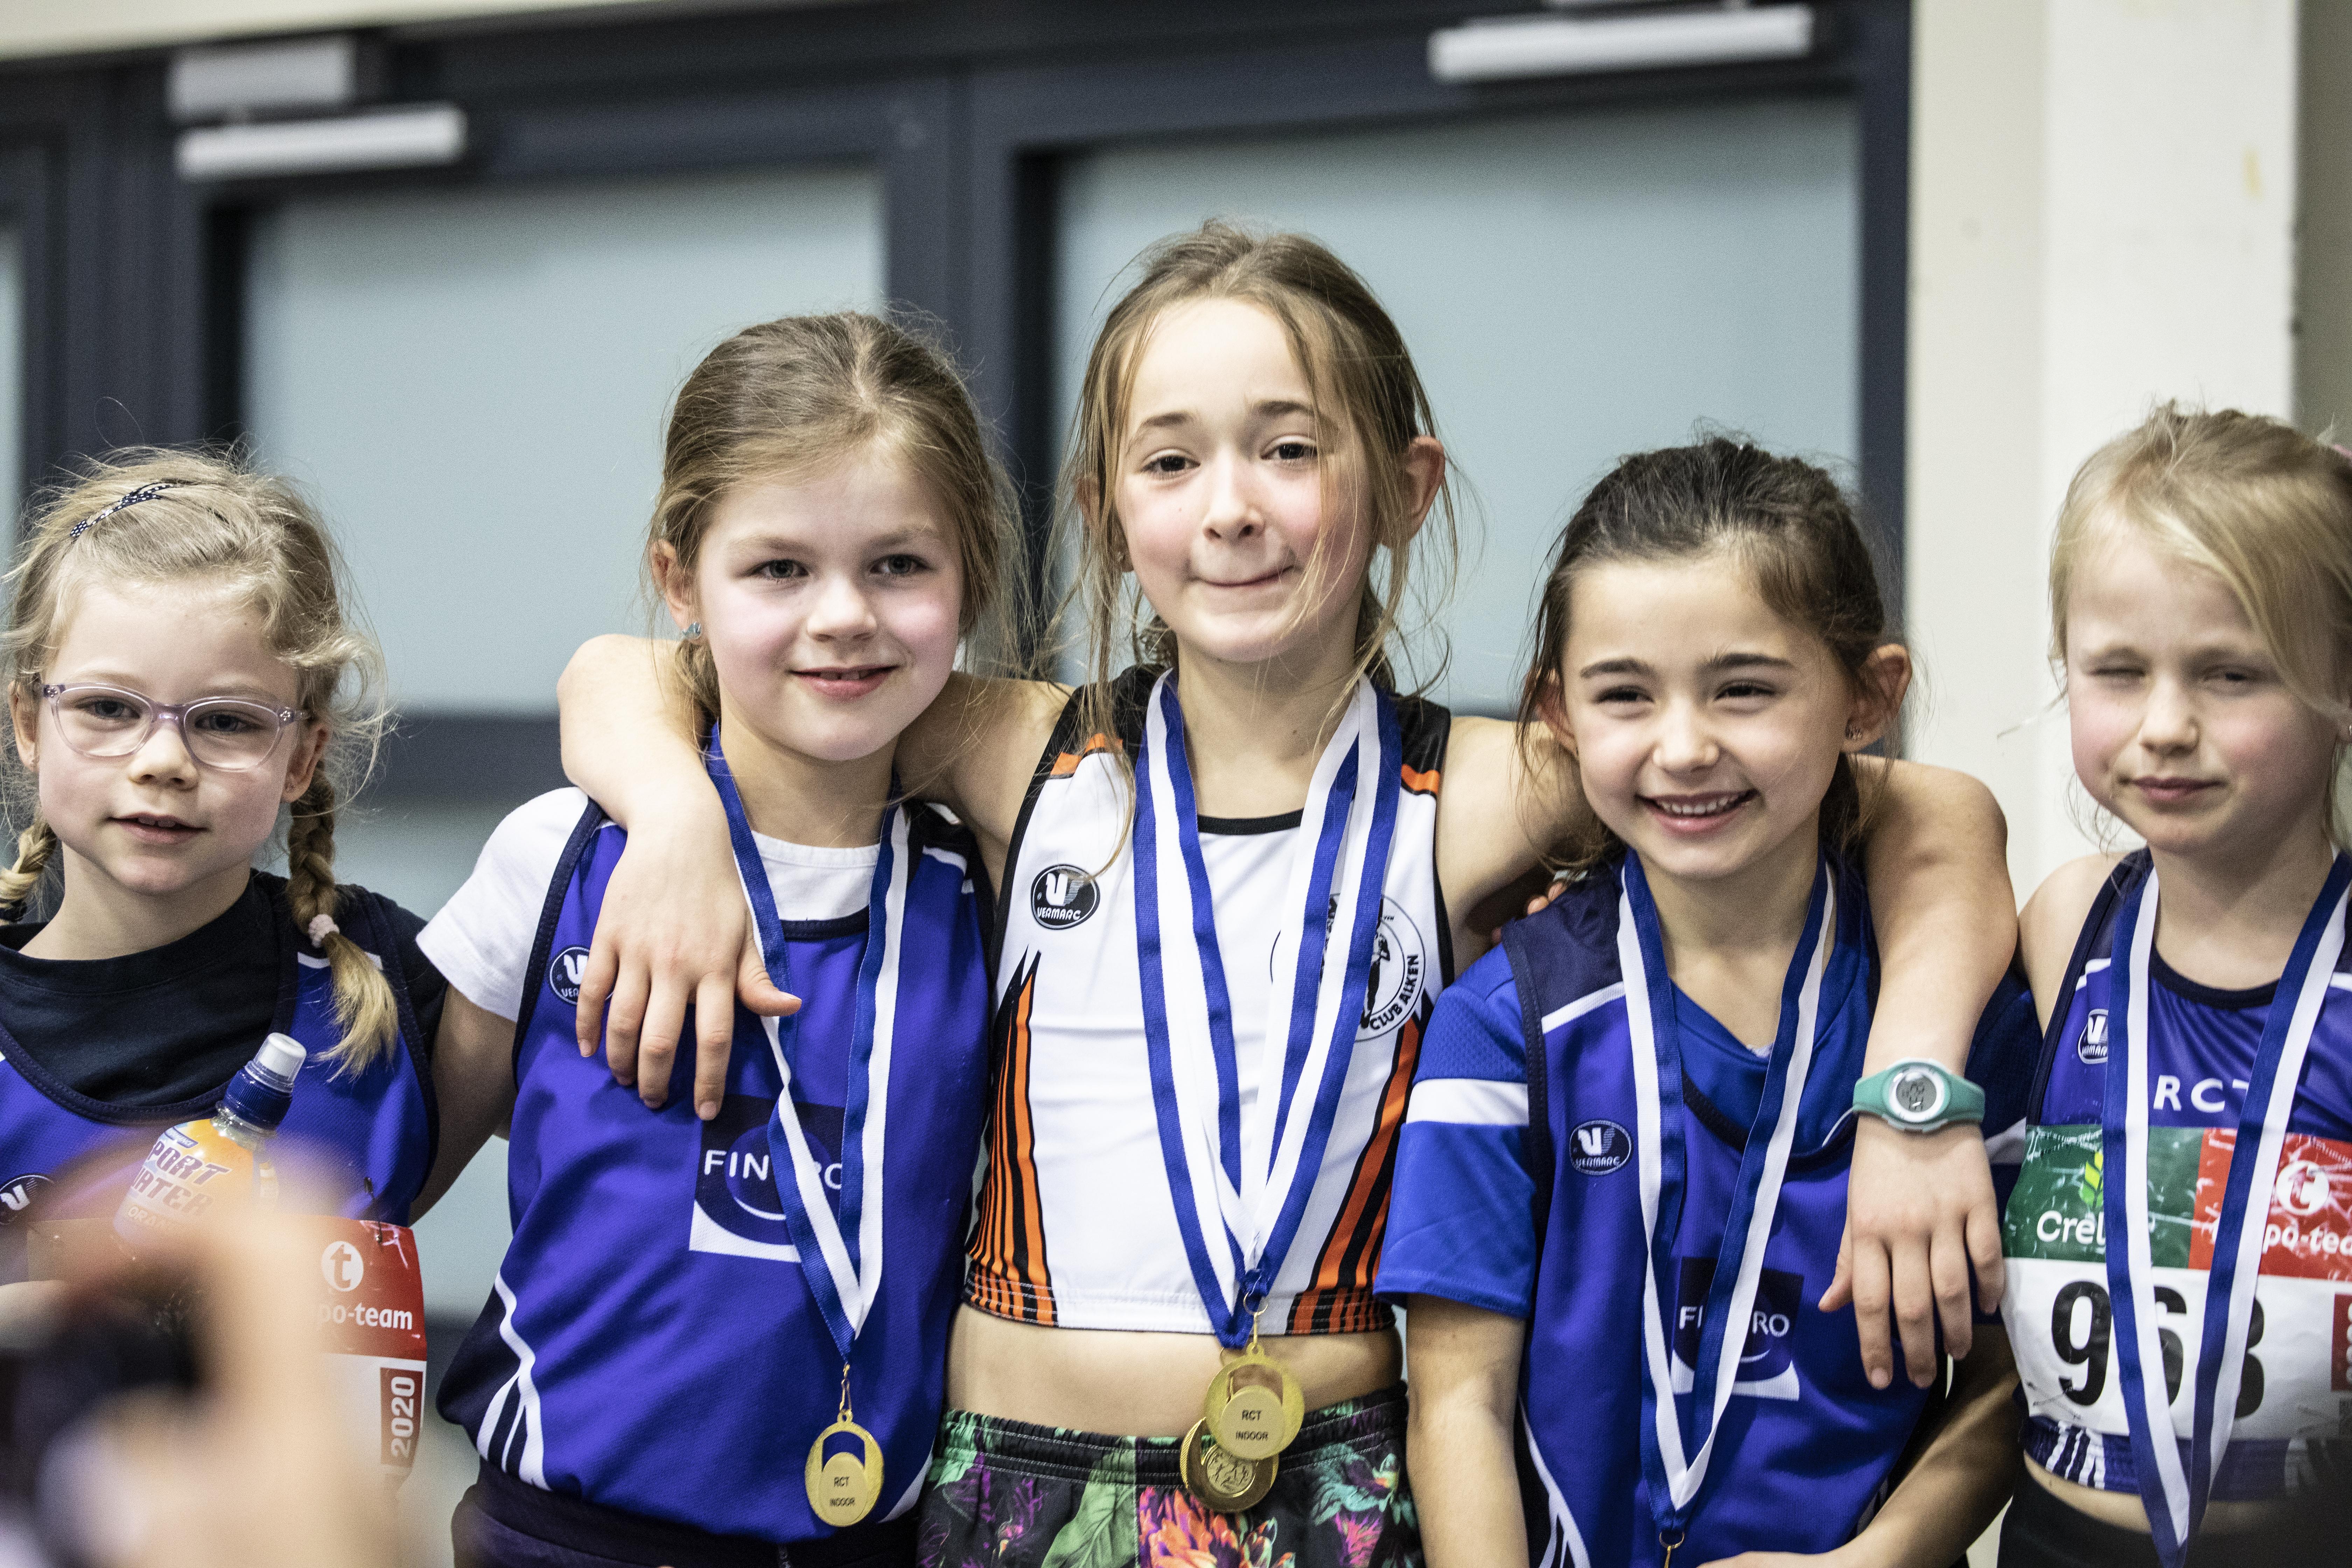 RCT Atletiek open indoormeeting met jeugd, Tienen, 15/02/2020